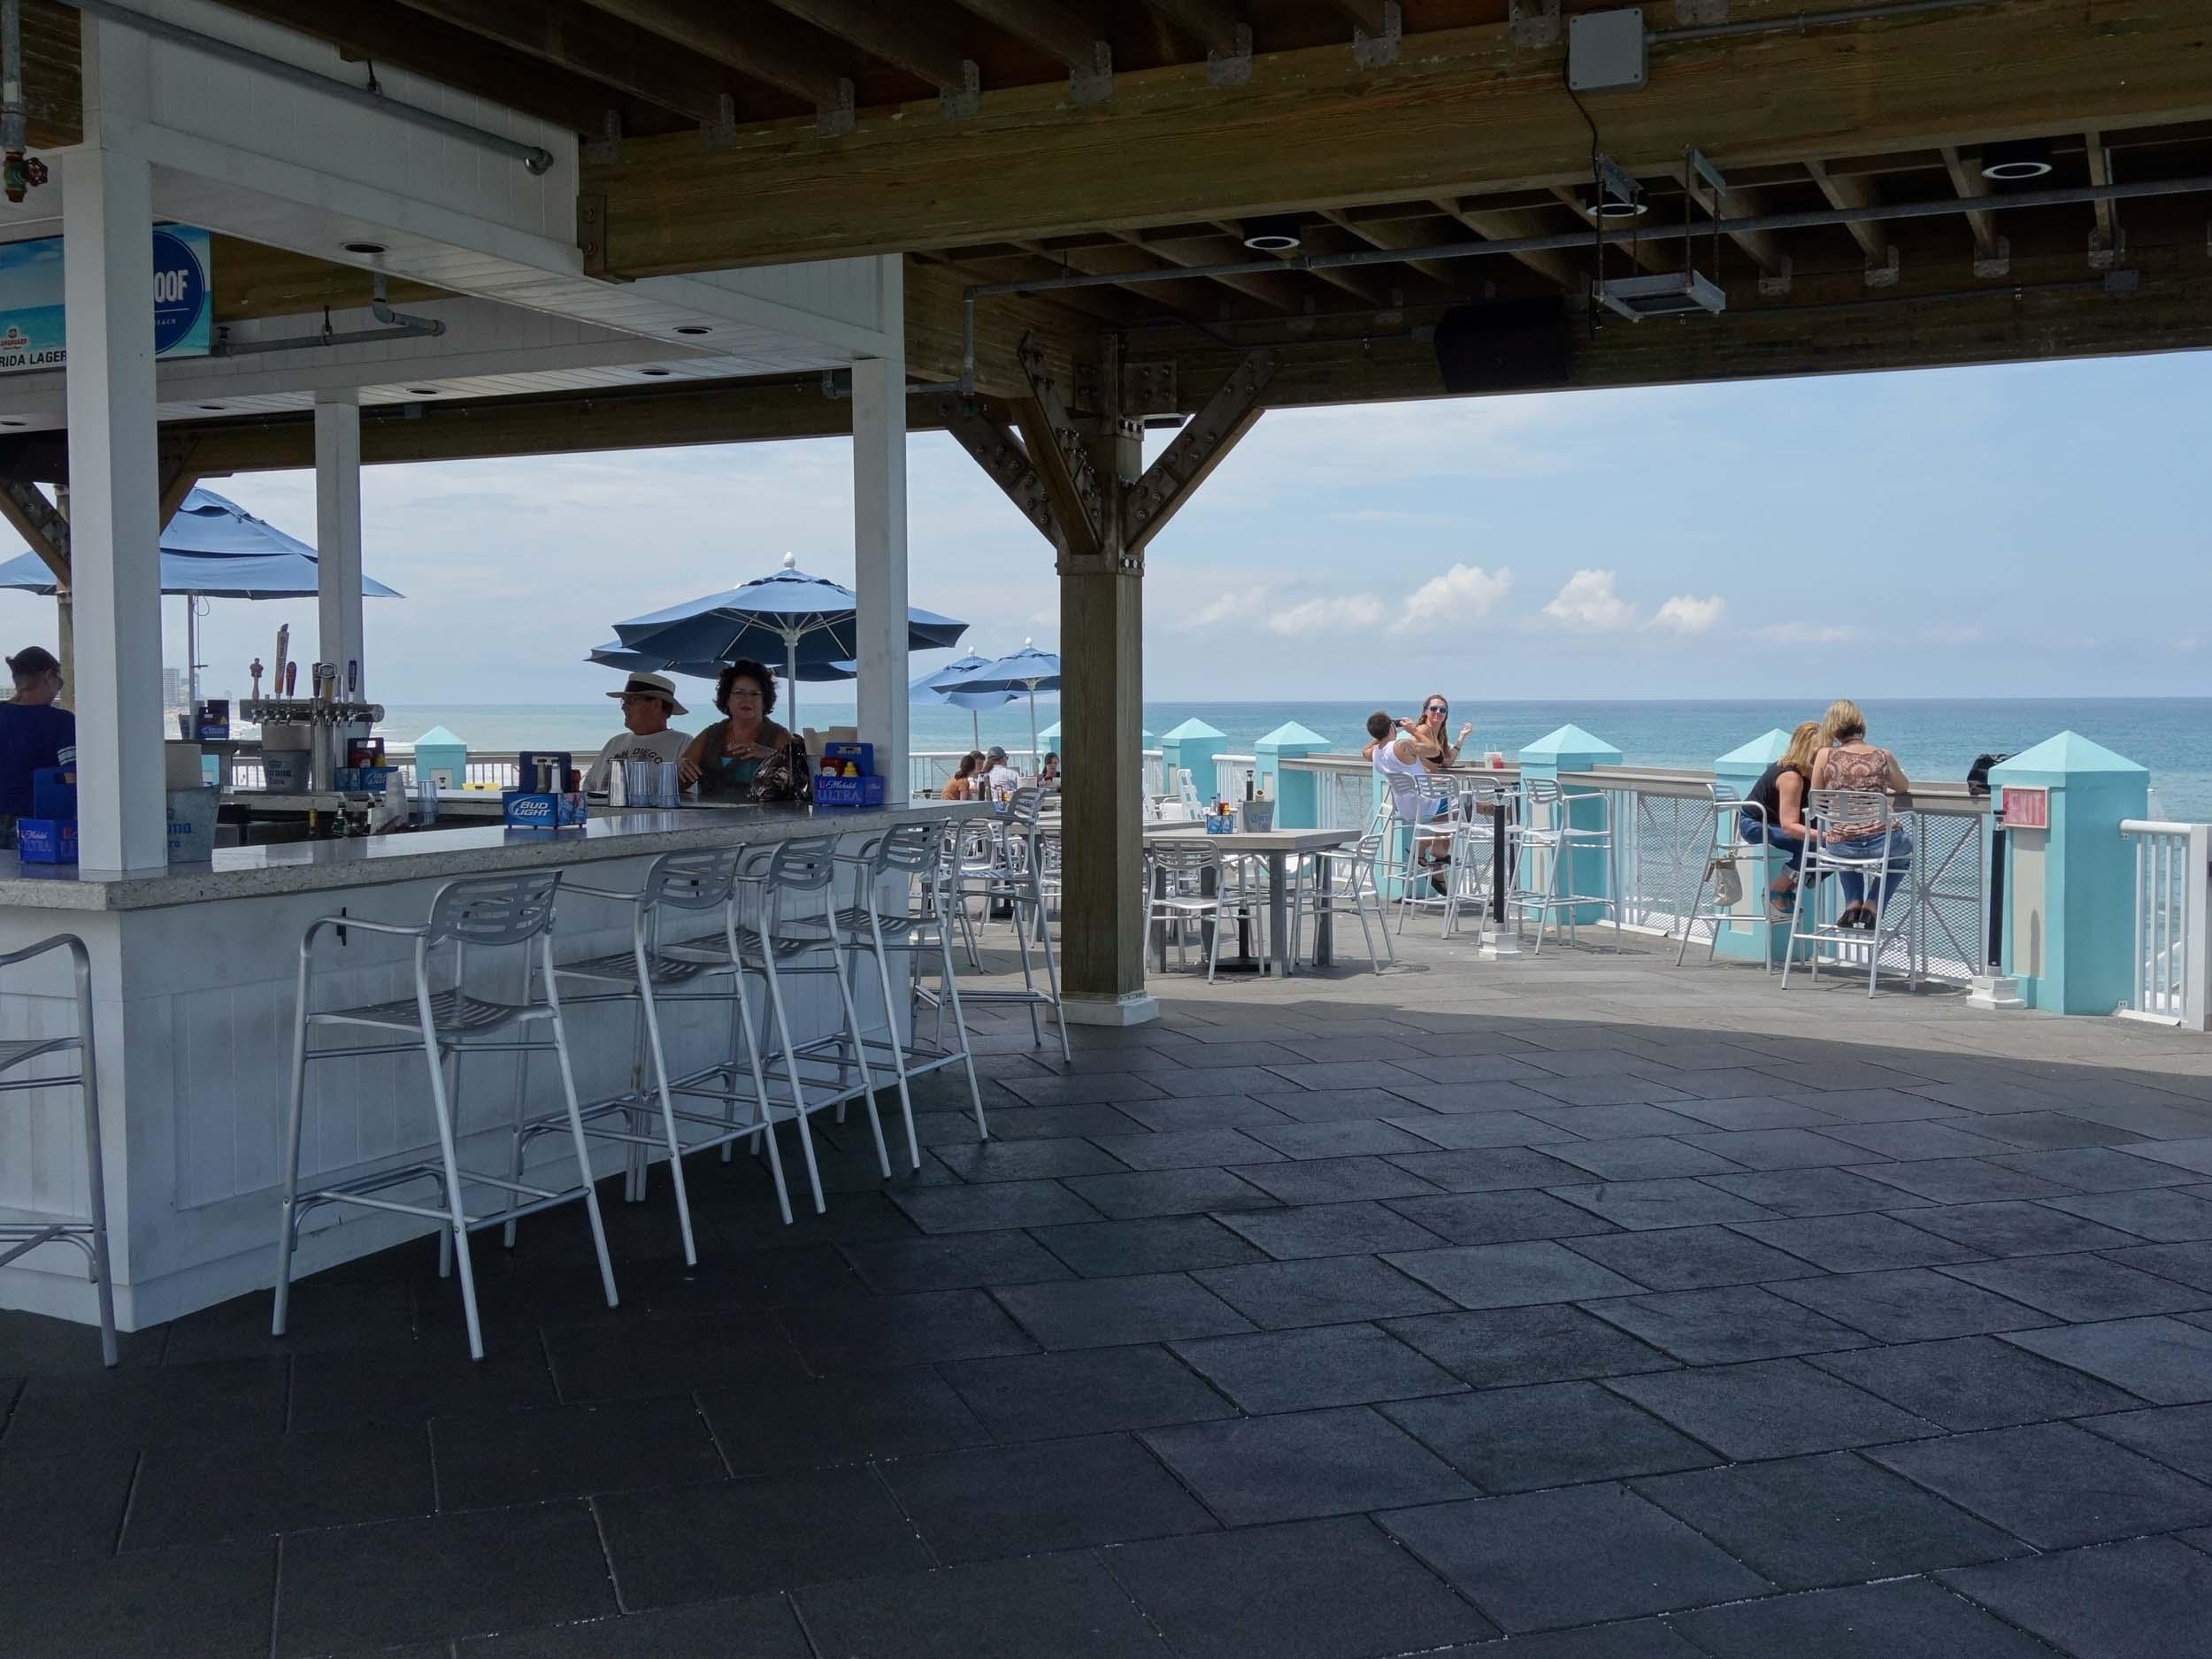 The Roof at Joe's Crab Shack Exterior